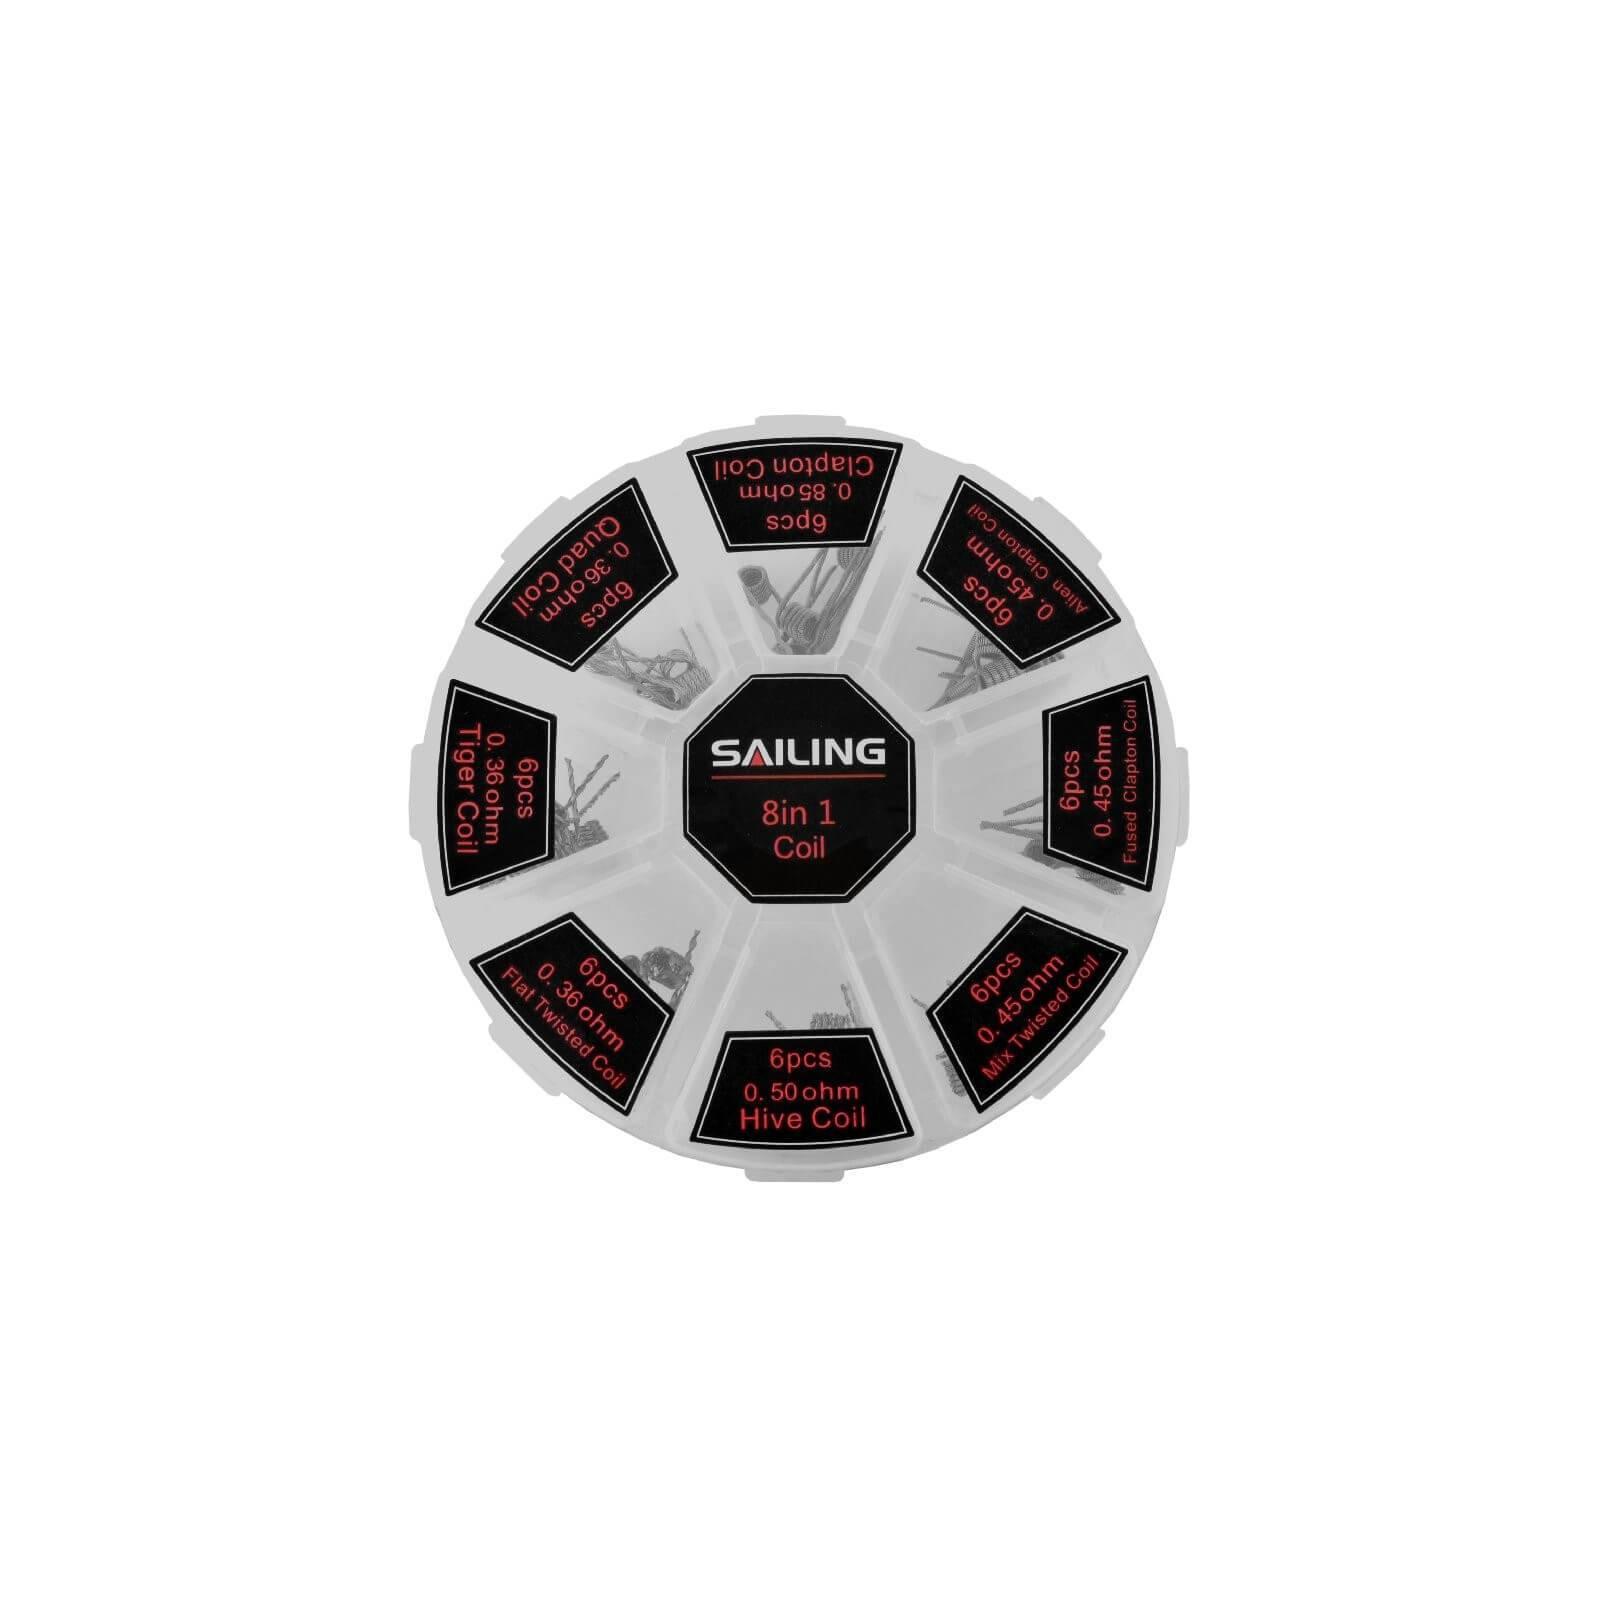 Boite de résistances pré-montées 8in 1 Coil - Sailing